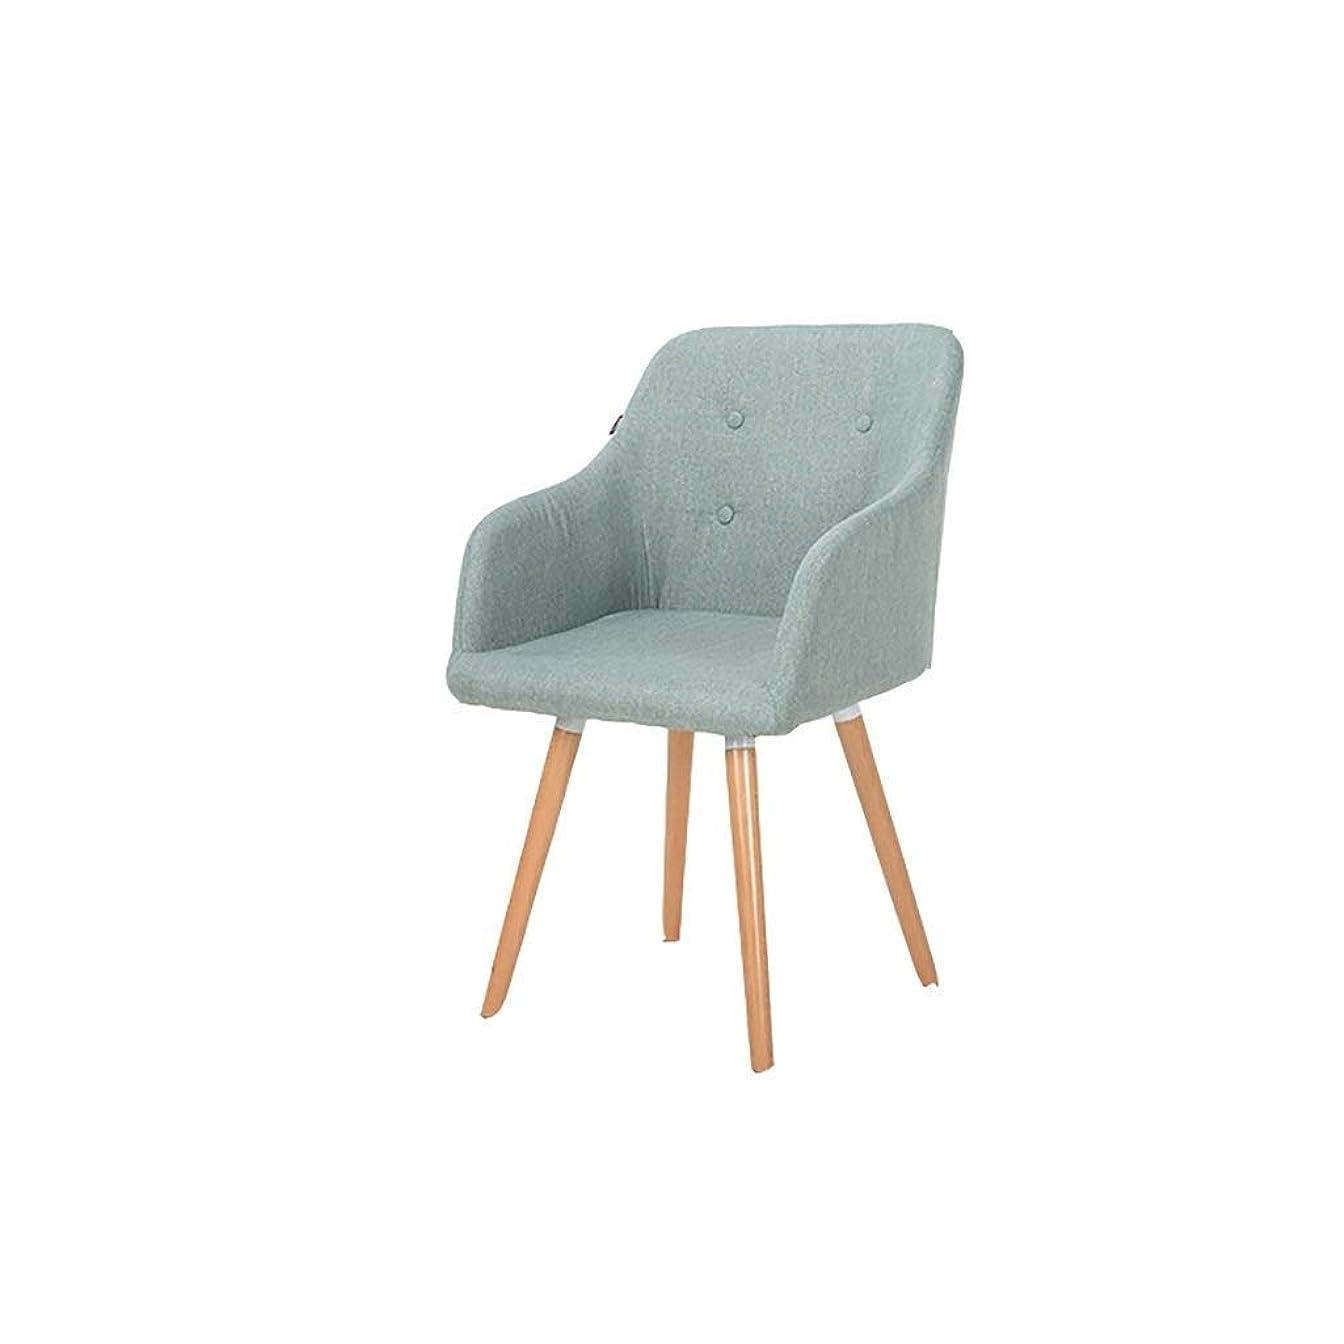 私たち自身メイン目立つヨーロッパの椅子の肘掛け椅子の純木のダイニングチェアのヨーロッパ式のラウンジチェアの現代ミニマリストの生地のレストランの椅子の快適および耐久 GMING (色 : C)